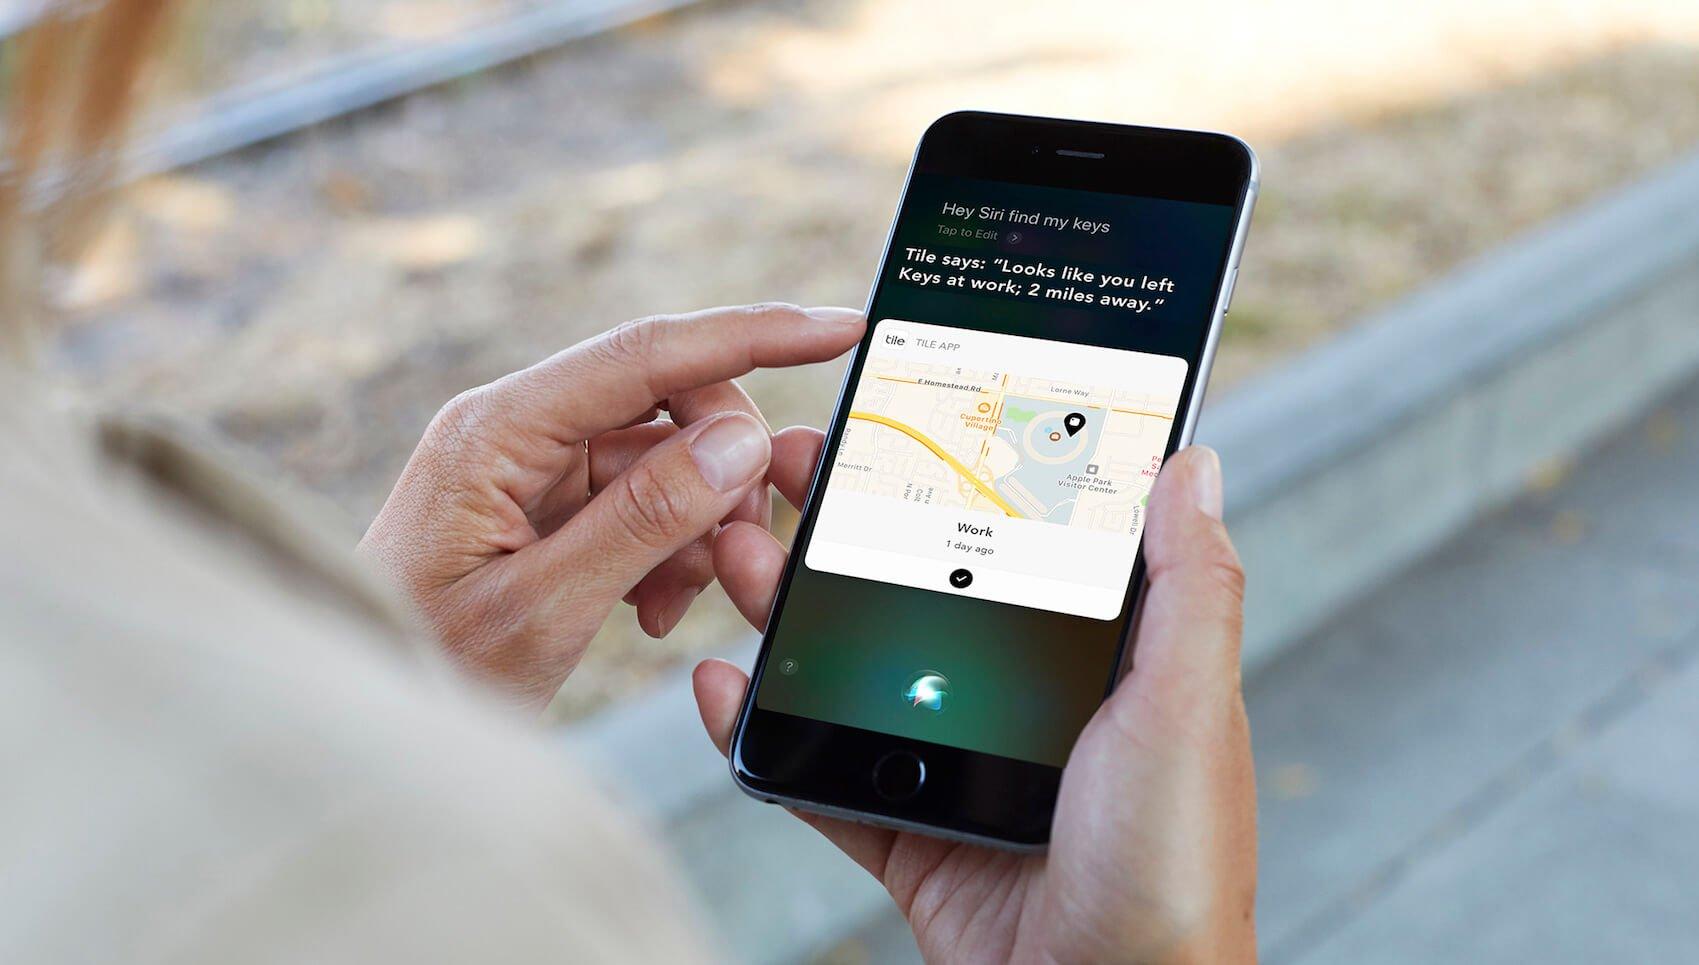 Apple нужны ваши советы по улучшению Siri